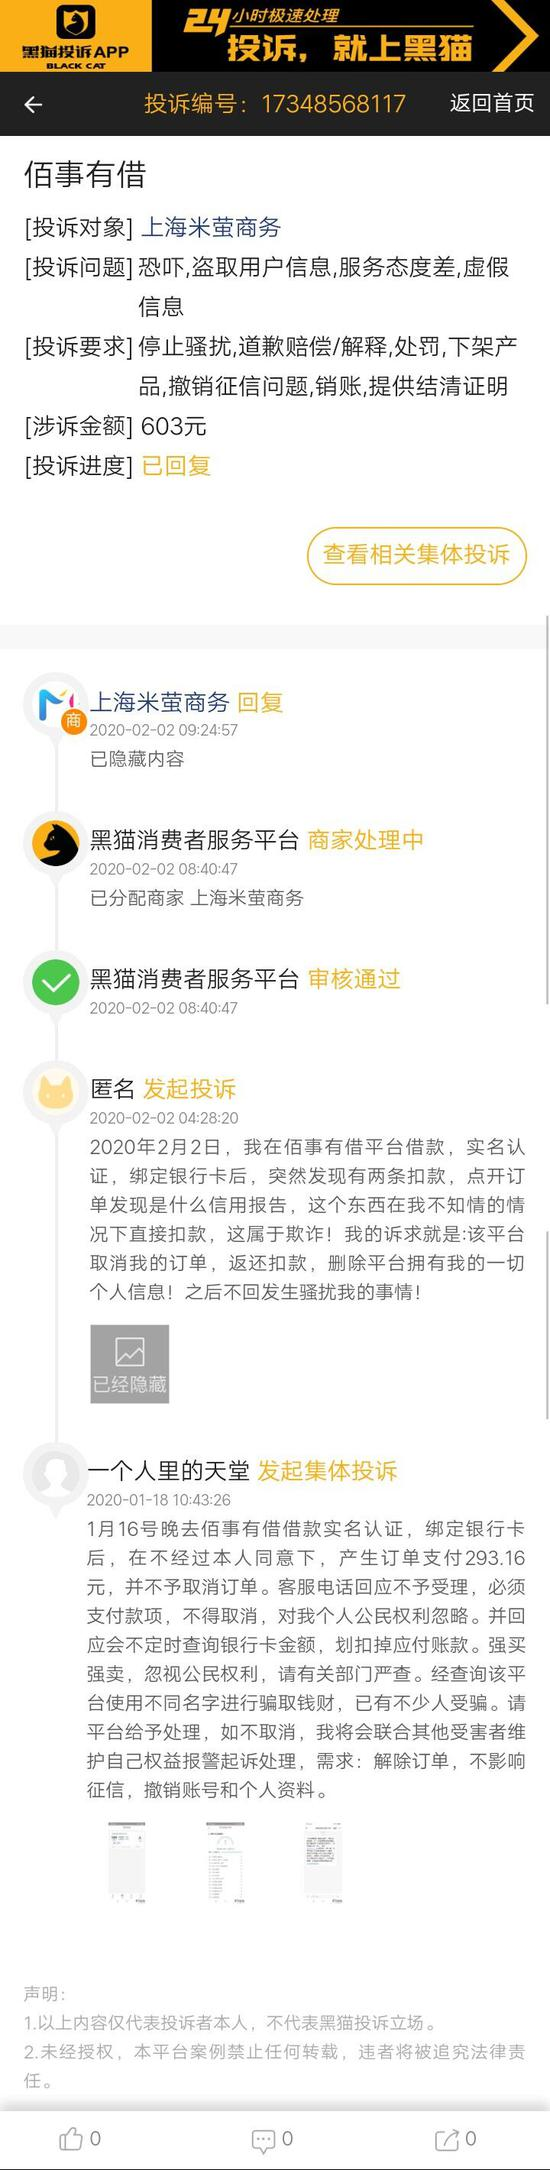 芜湖新华书店_网友投诉佰事有借直接扣款 客服已回复_新浪安徽_新浪网